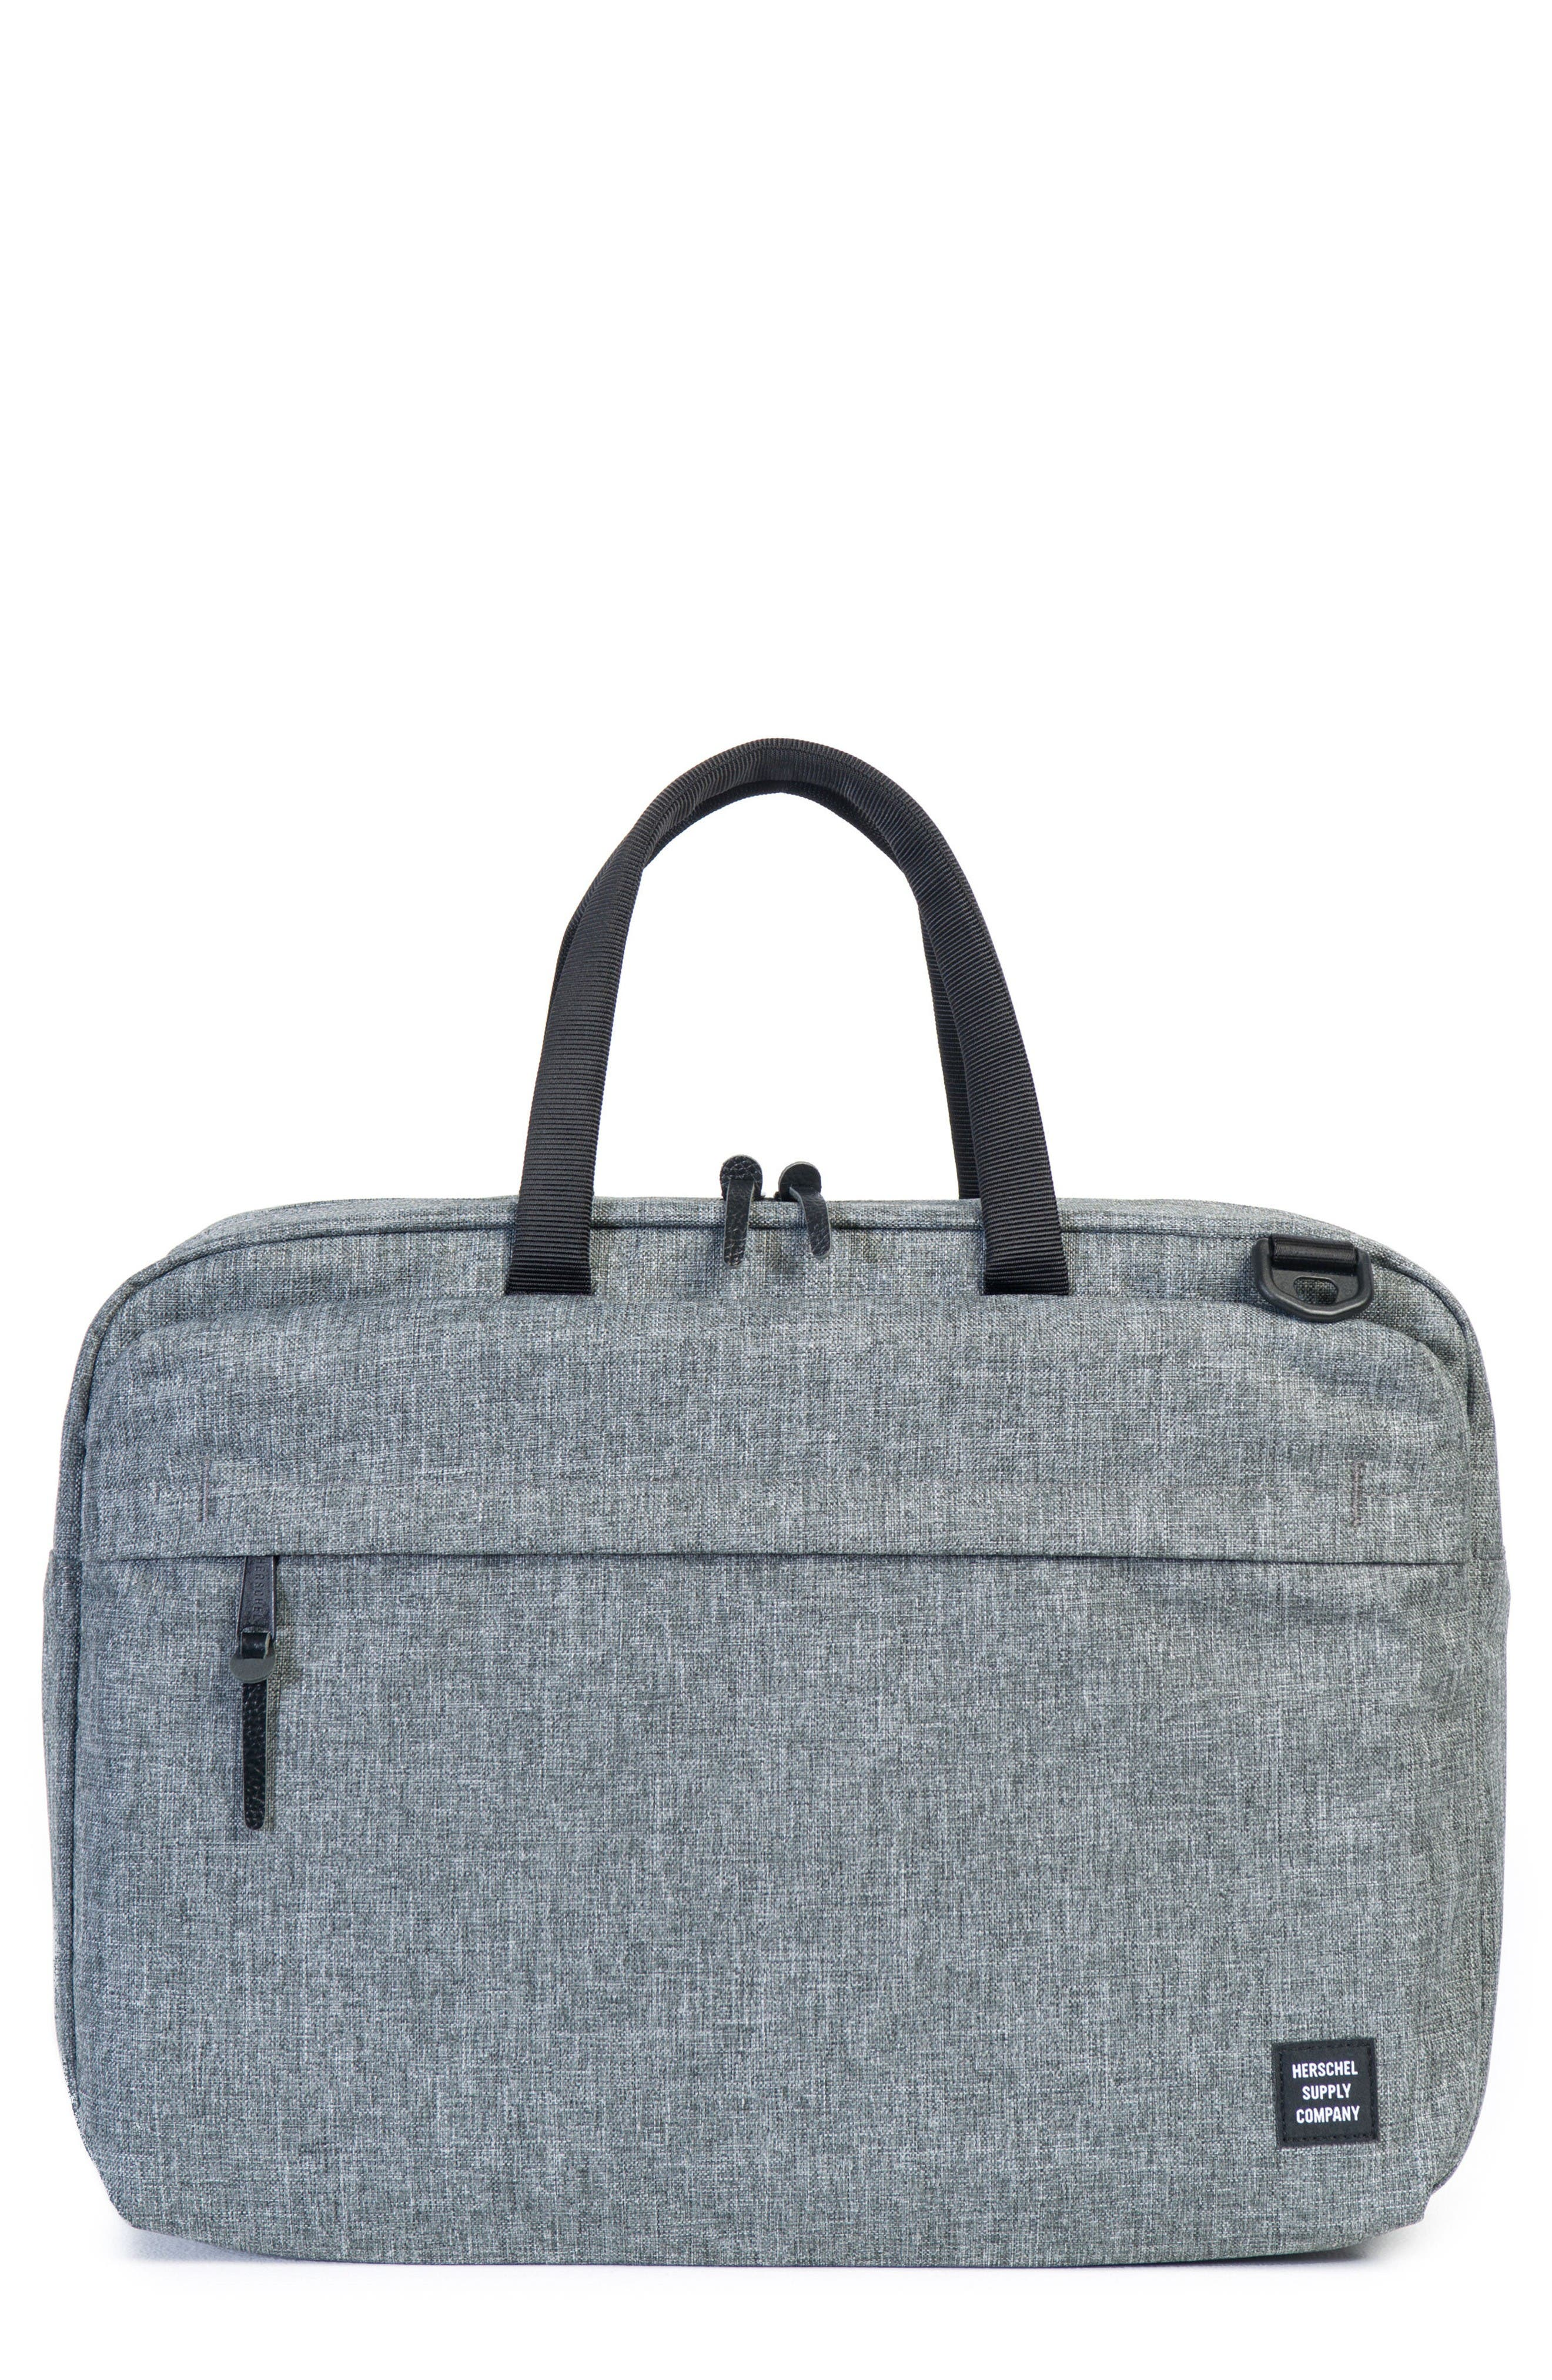 Herschel Supply Co. Sandford Messenger Bag